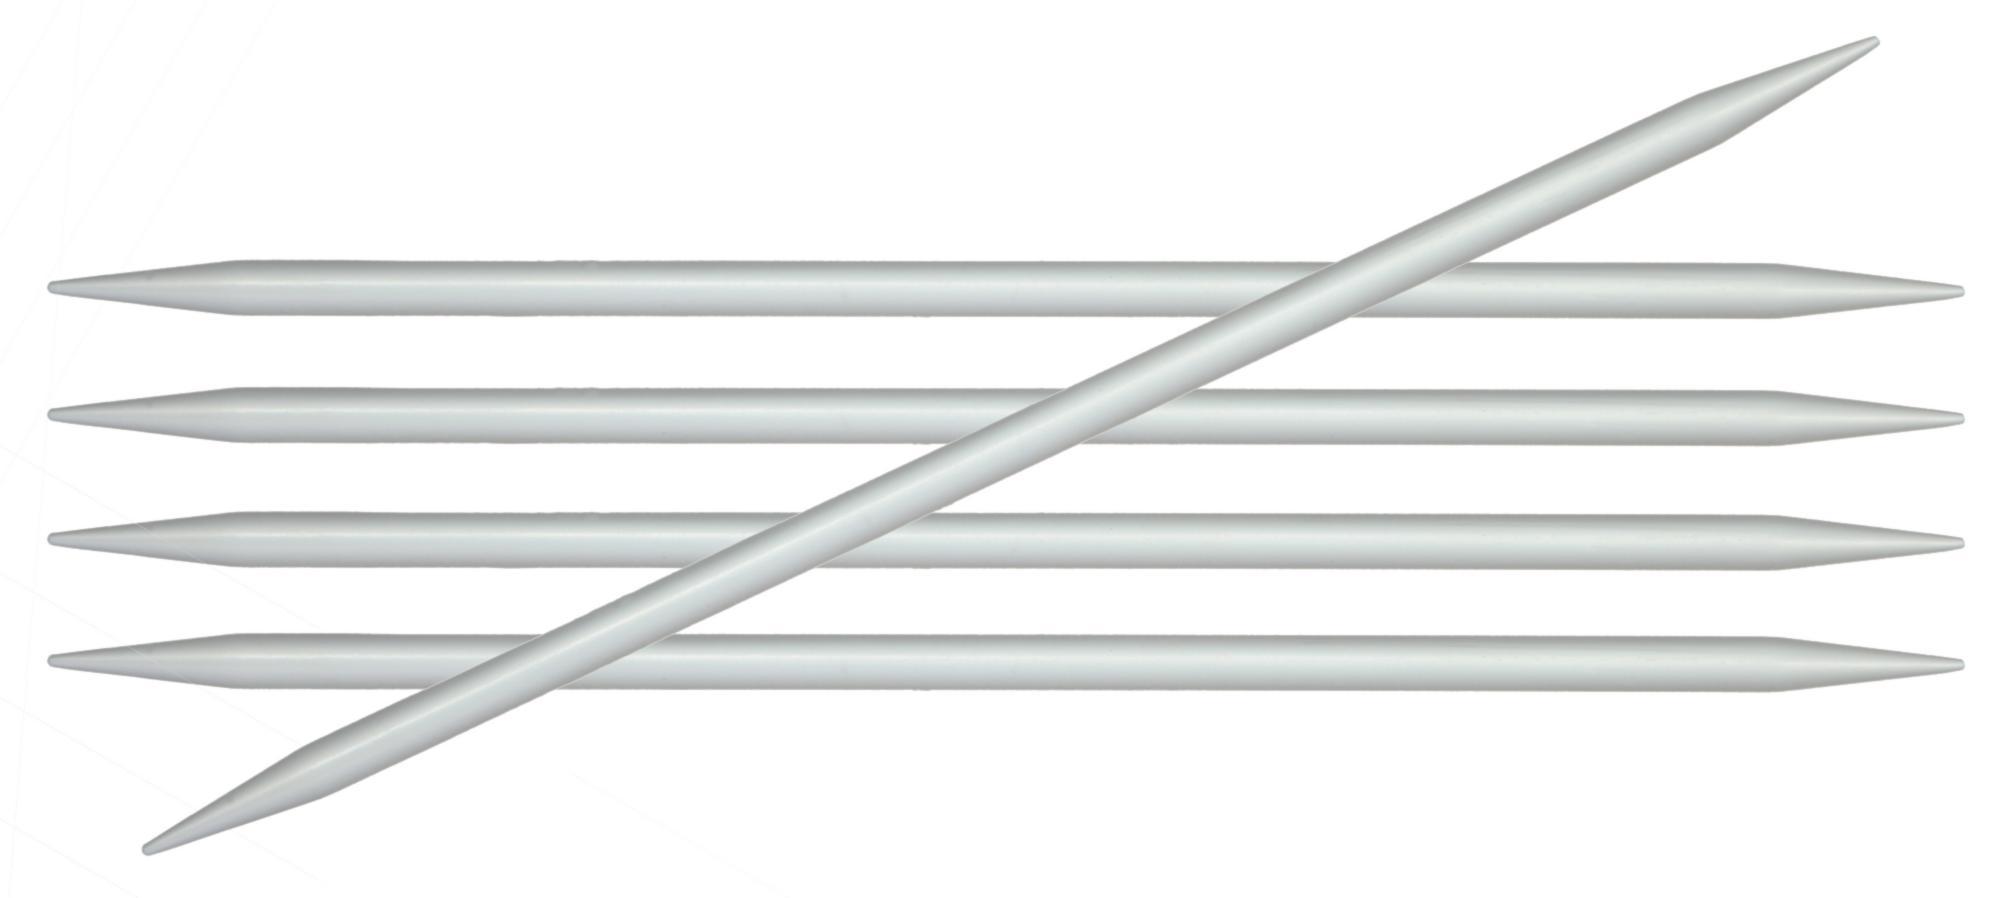 Спицы носочные 20 см Basix Aluminium KnitPro, 45121, 3.75 мм